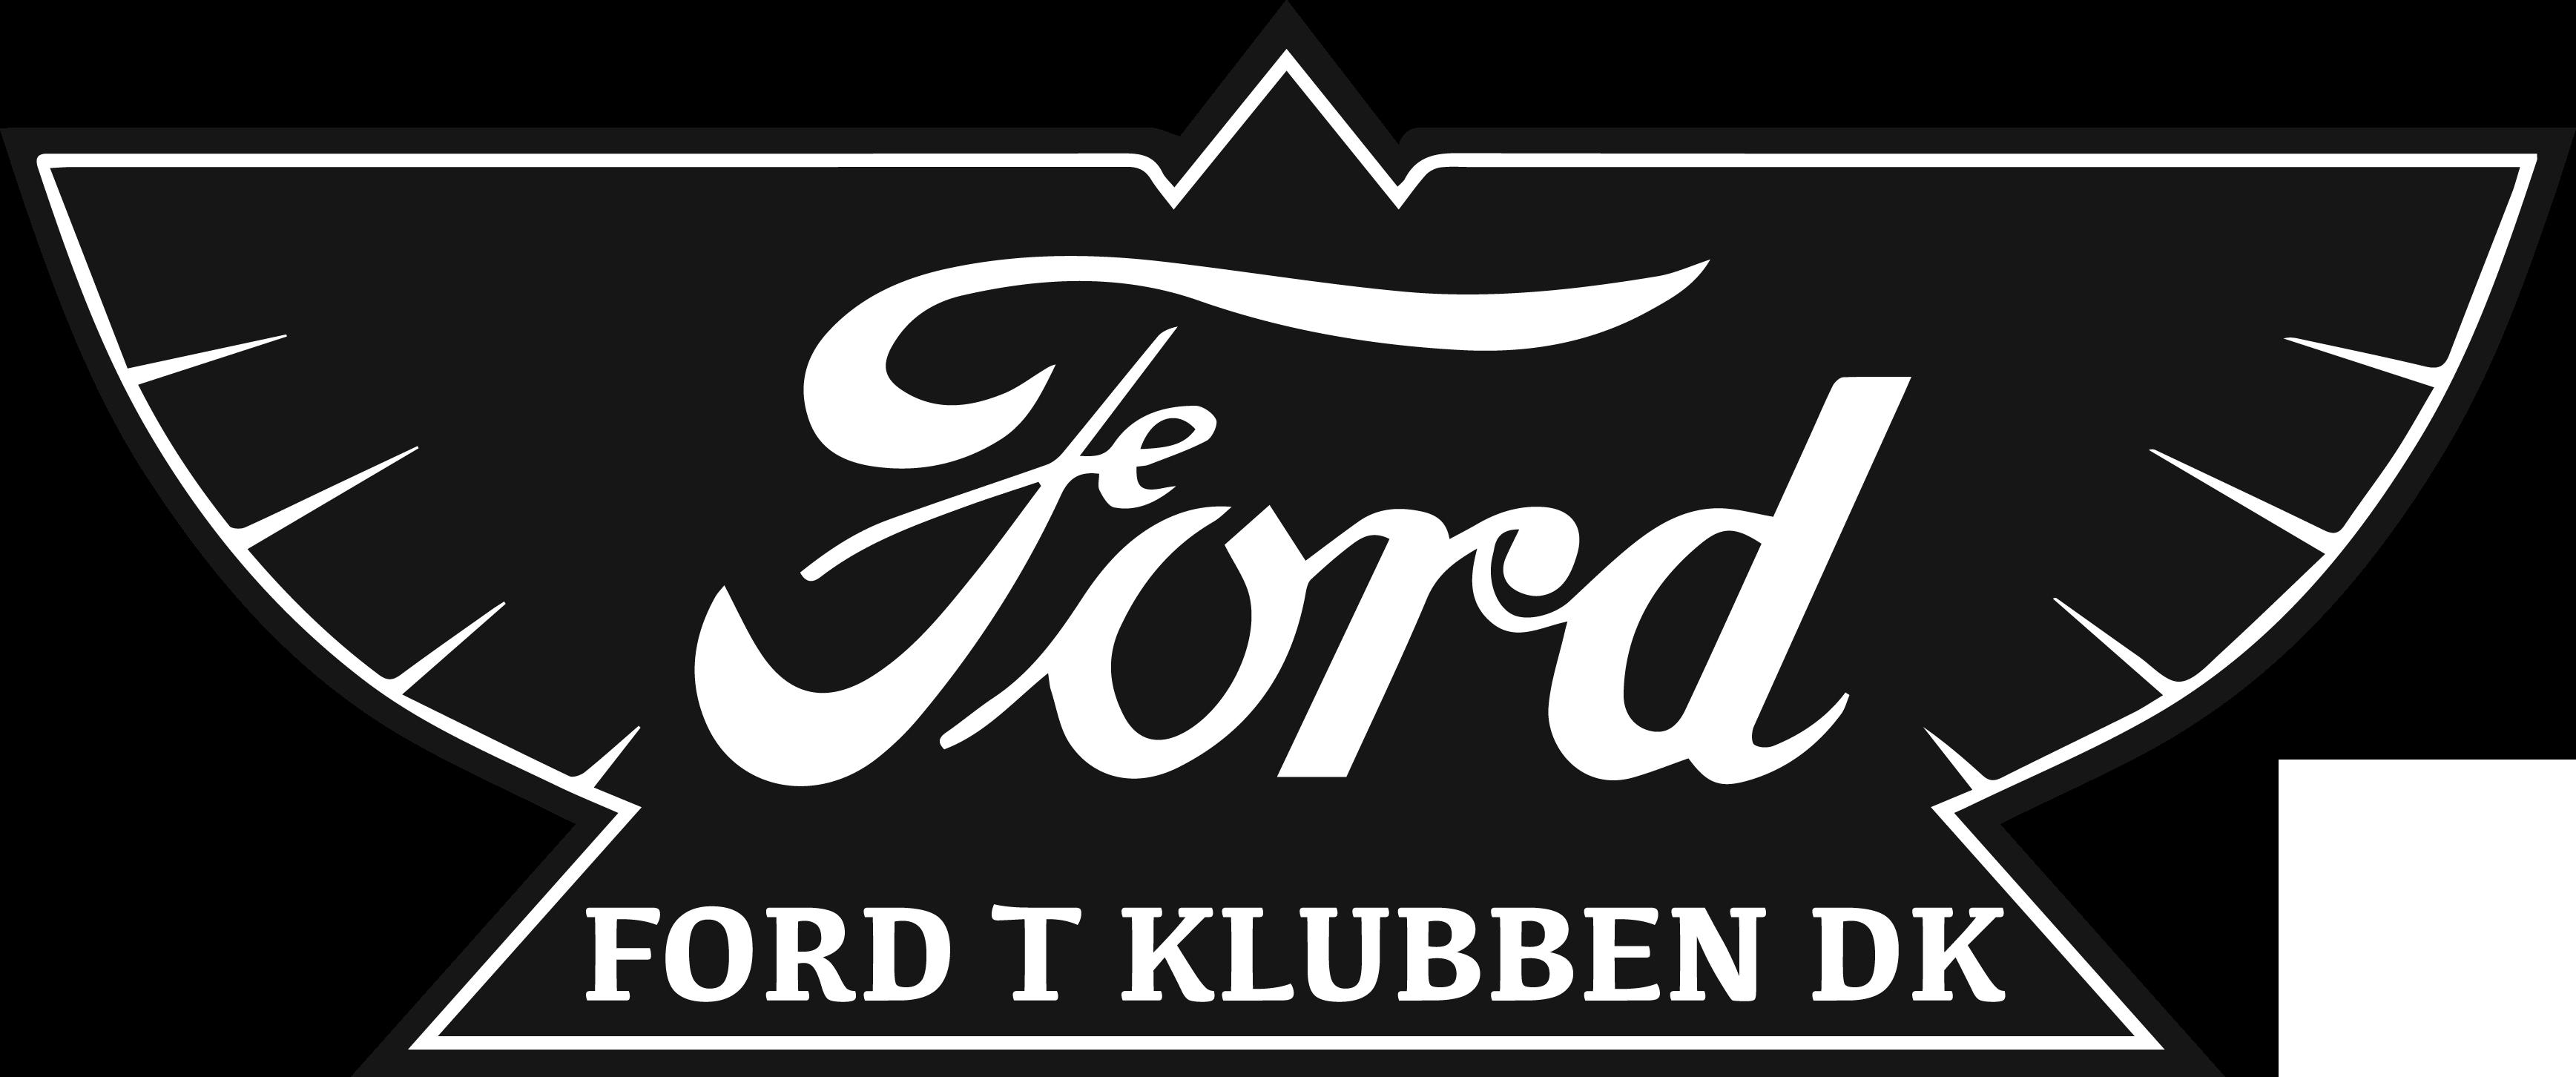 FORD T KLUBBEN DANMARK